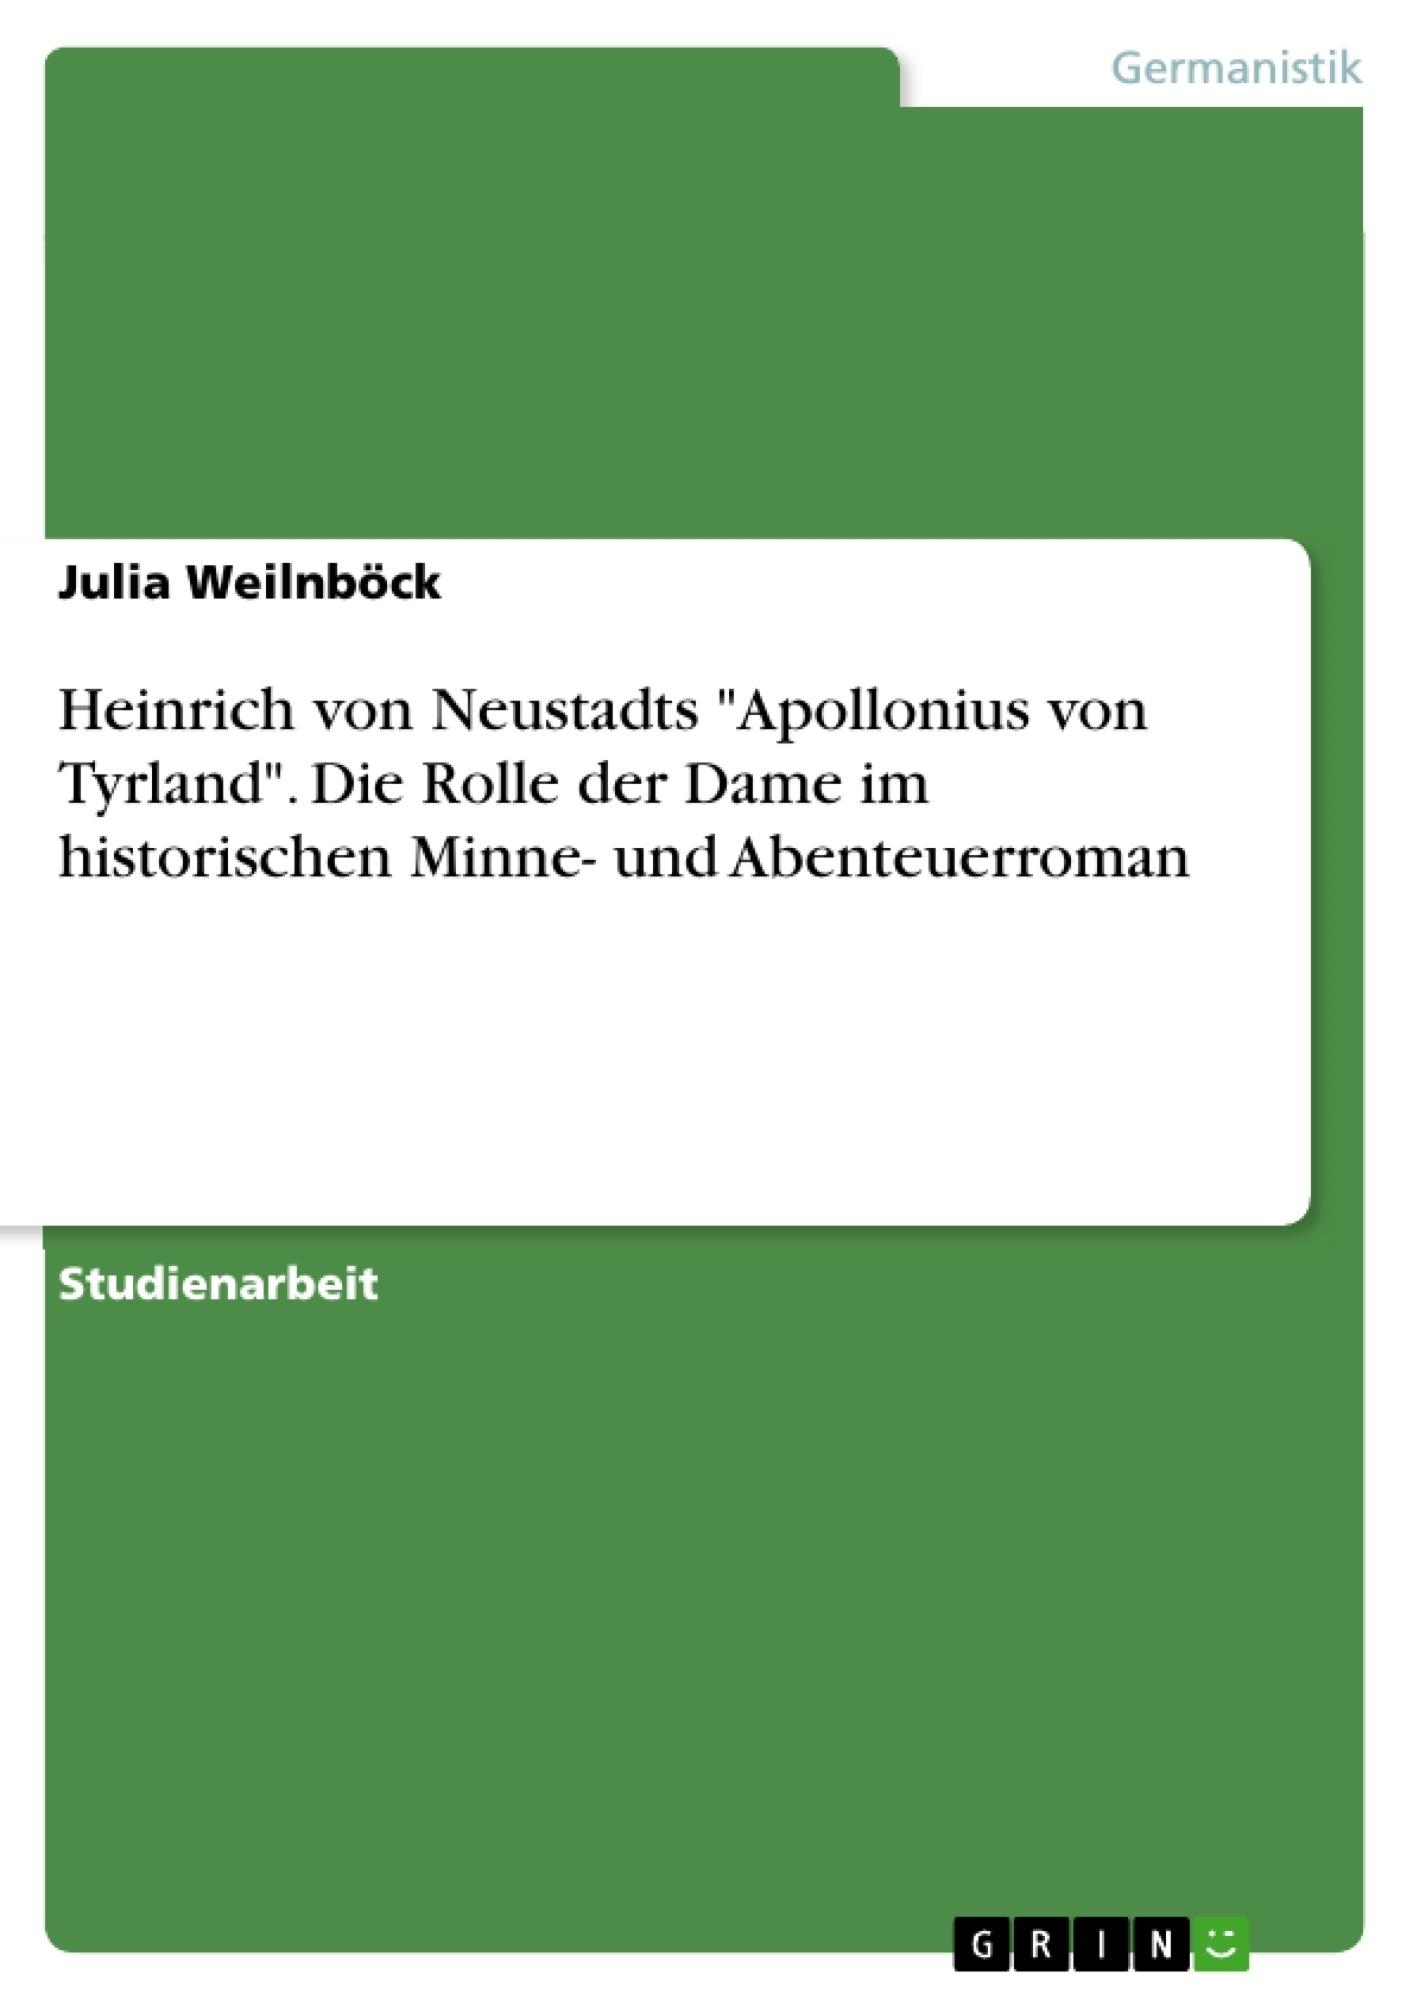 """Titel: Heinrich von Neustadts """"Apollonius von Tyrland"""". Die Rolle der Dame im historischen Minne- und Abenteuerroman"""